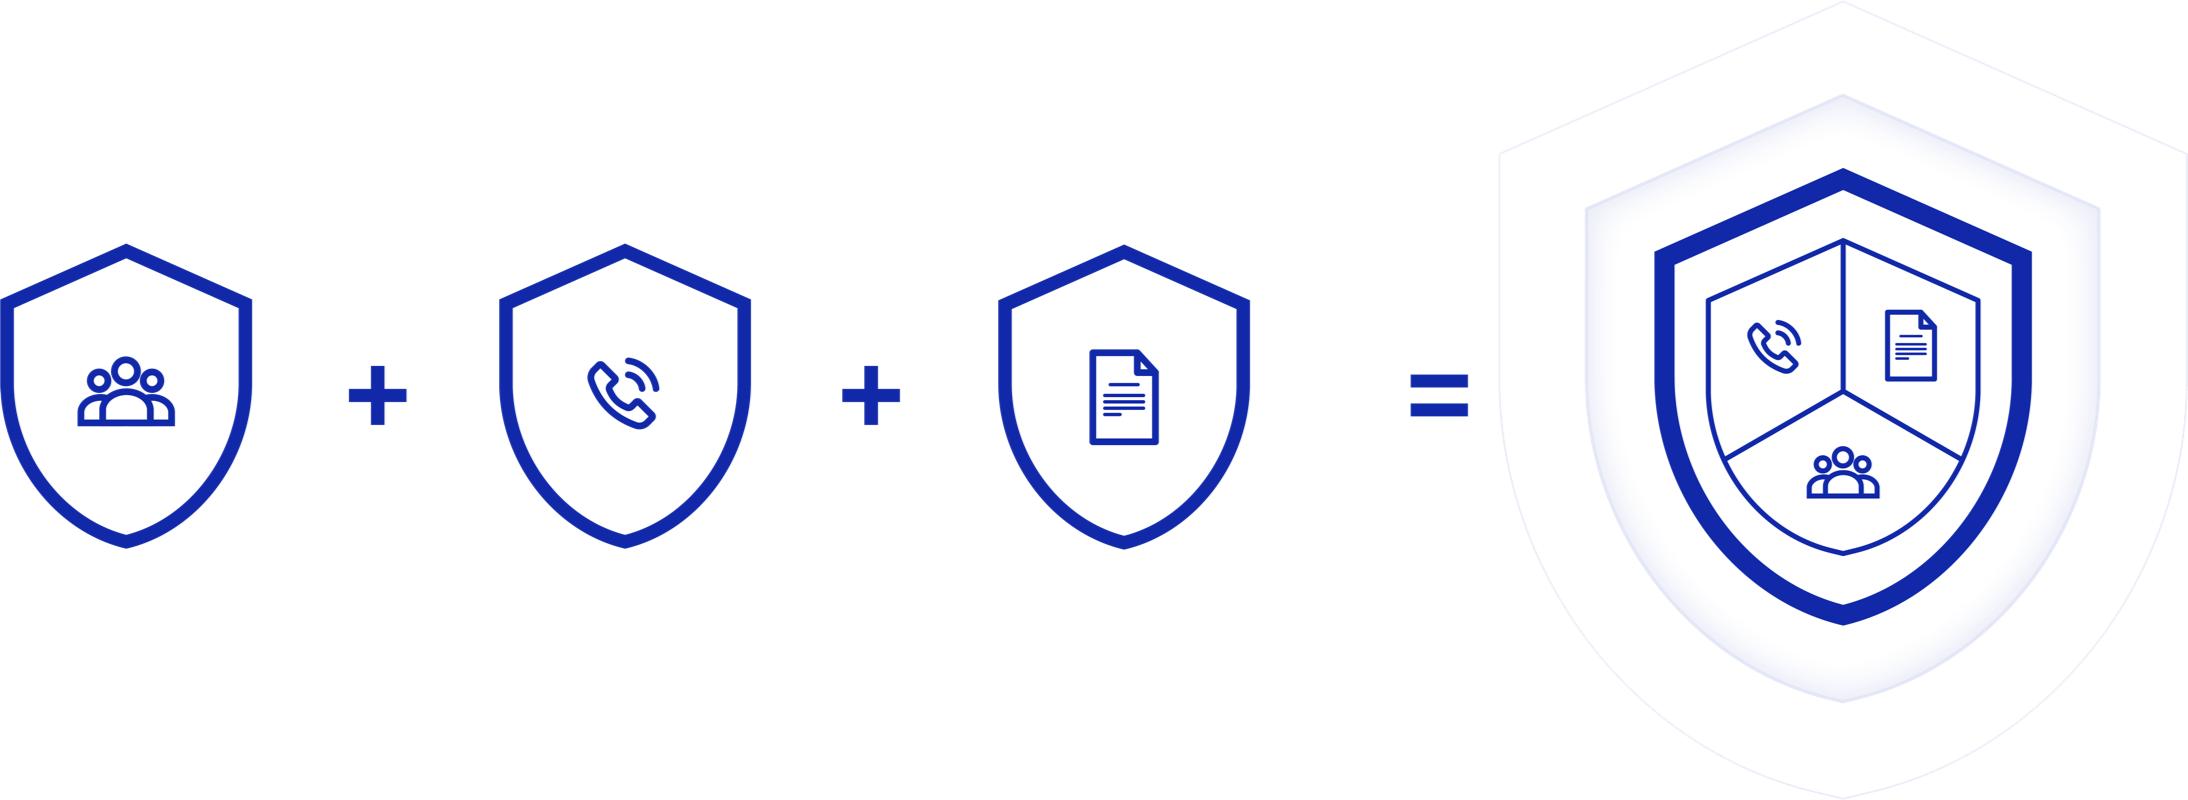 Wie funktioniert die CyberRisk-Versicherung?